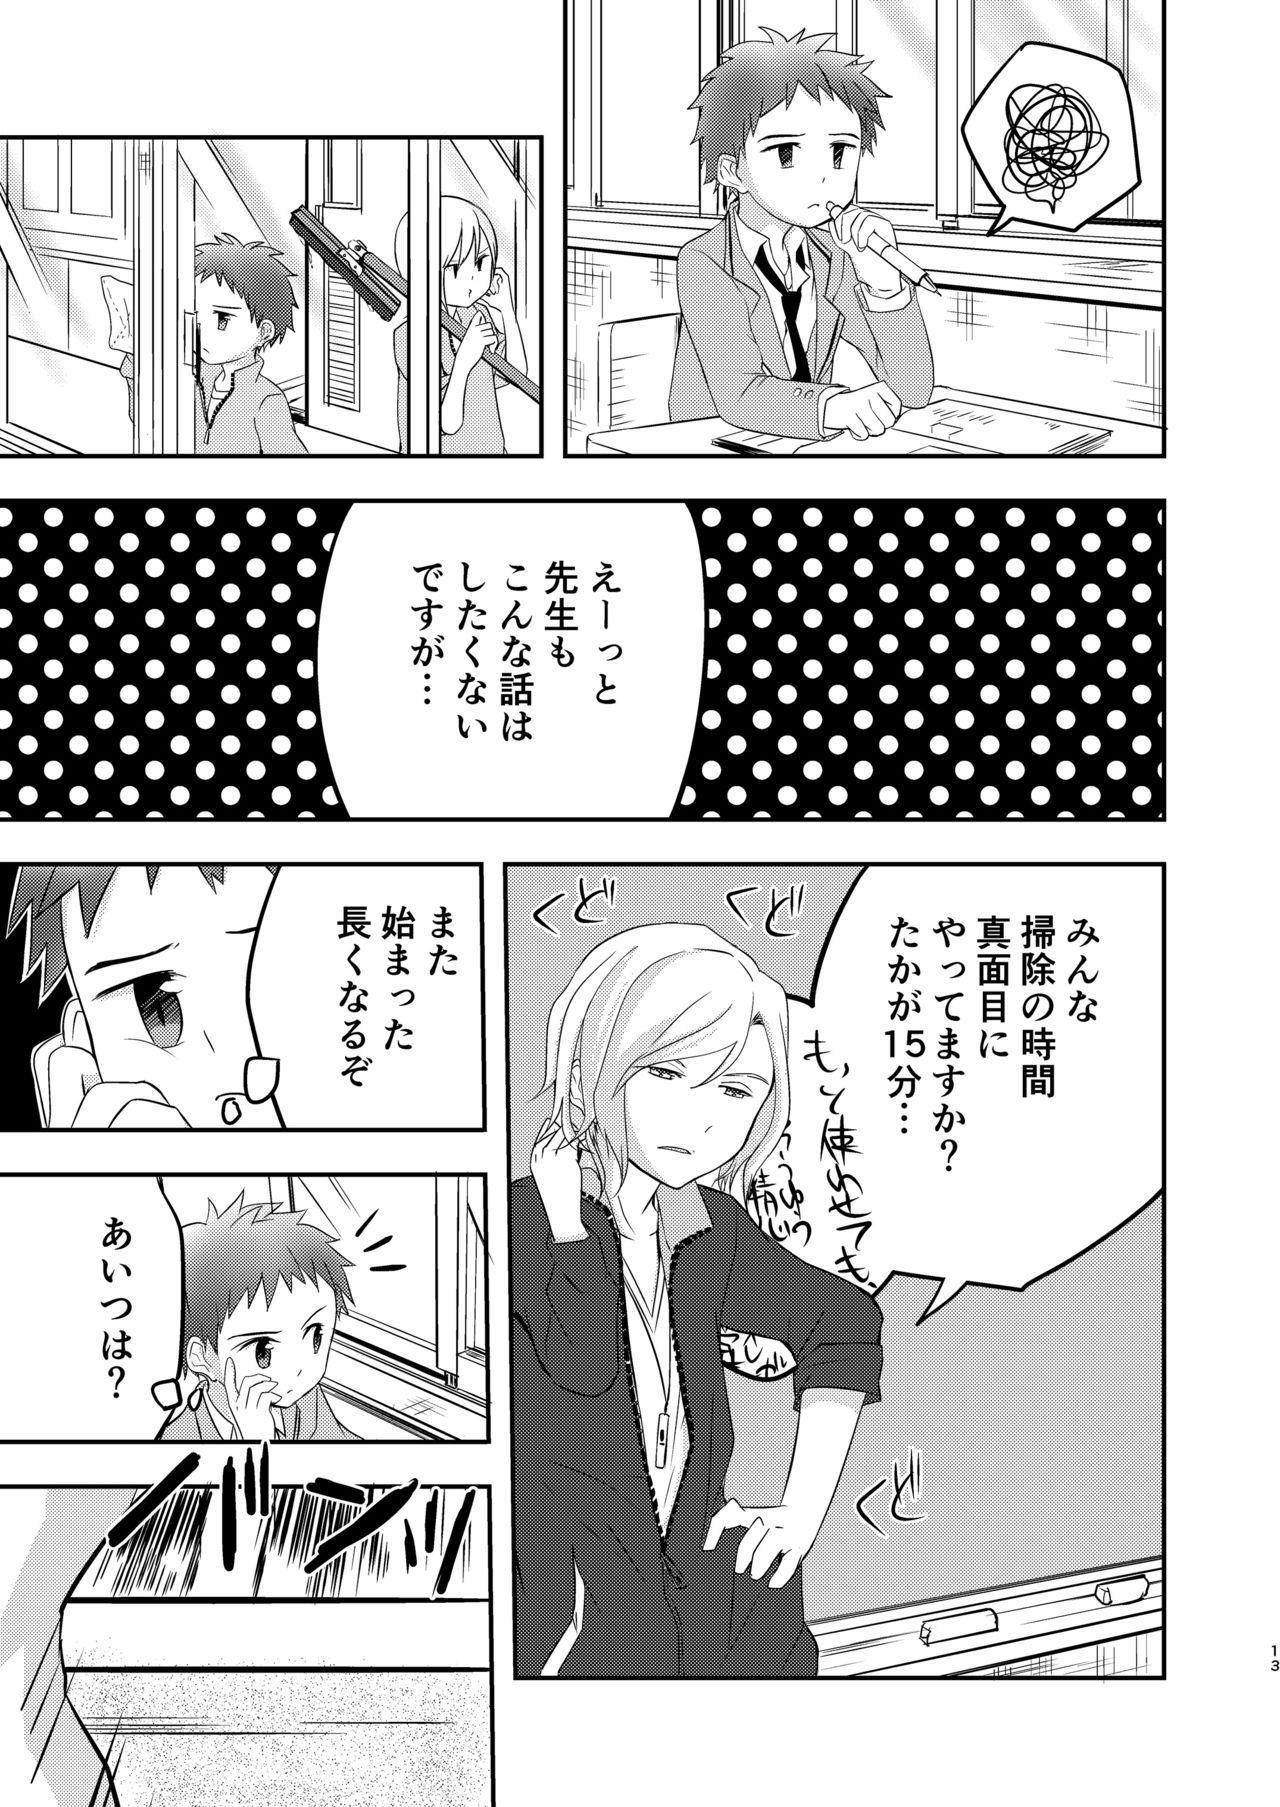 Kichiku Senpai o Yamenaide 12